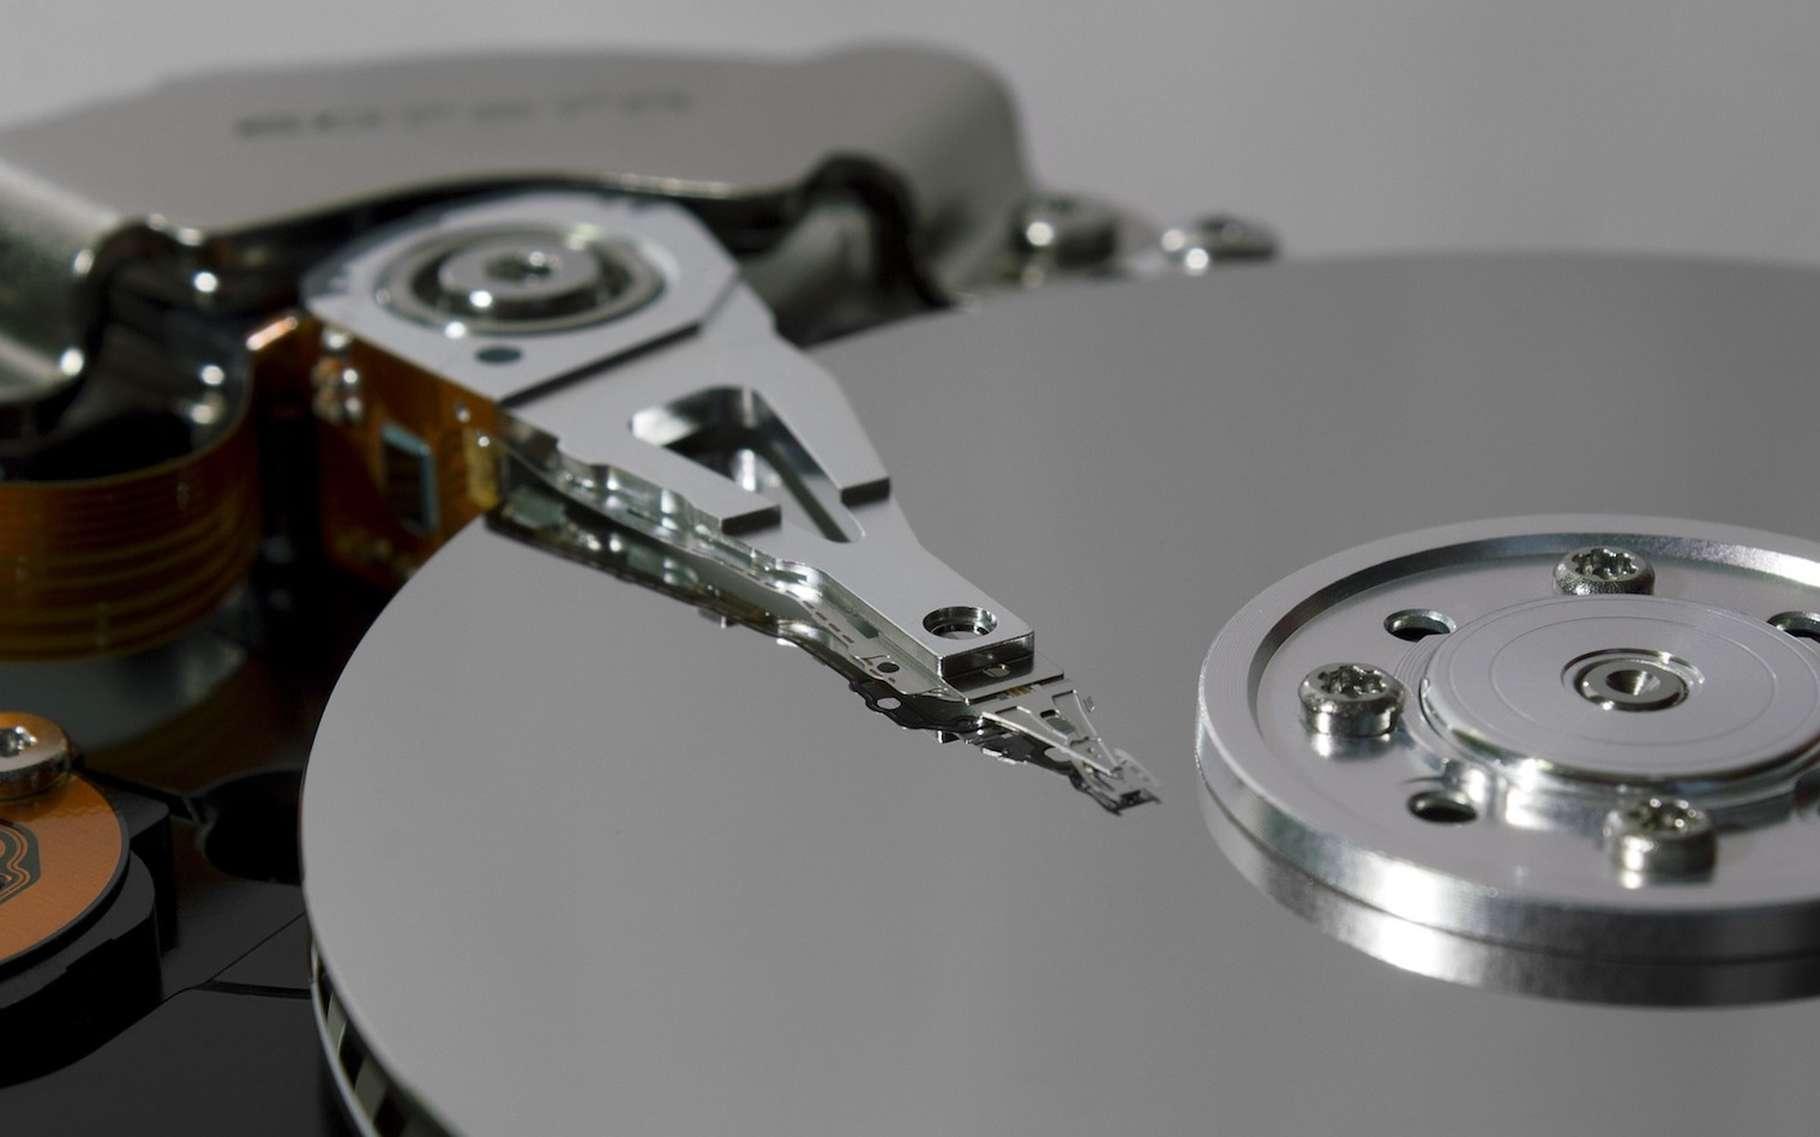 Le recours aux skyrmions pourrait réduire drastiquement la taille des disques durs de nos ordinateurs. © rock_rock, Pixabay, CC0 Creative Commons